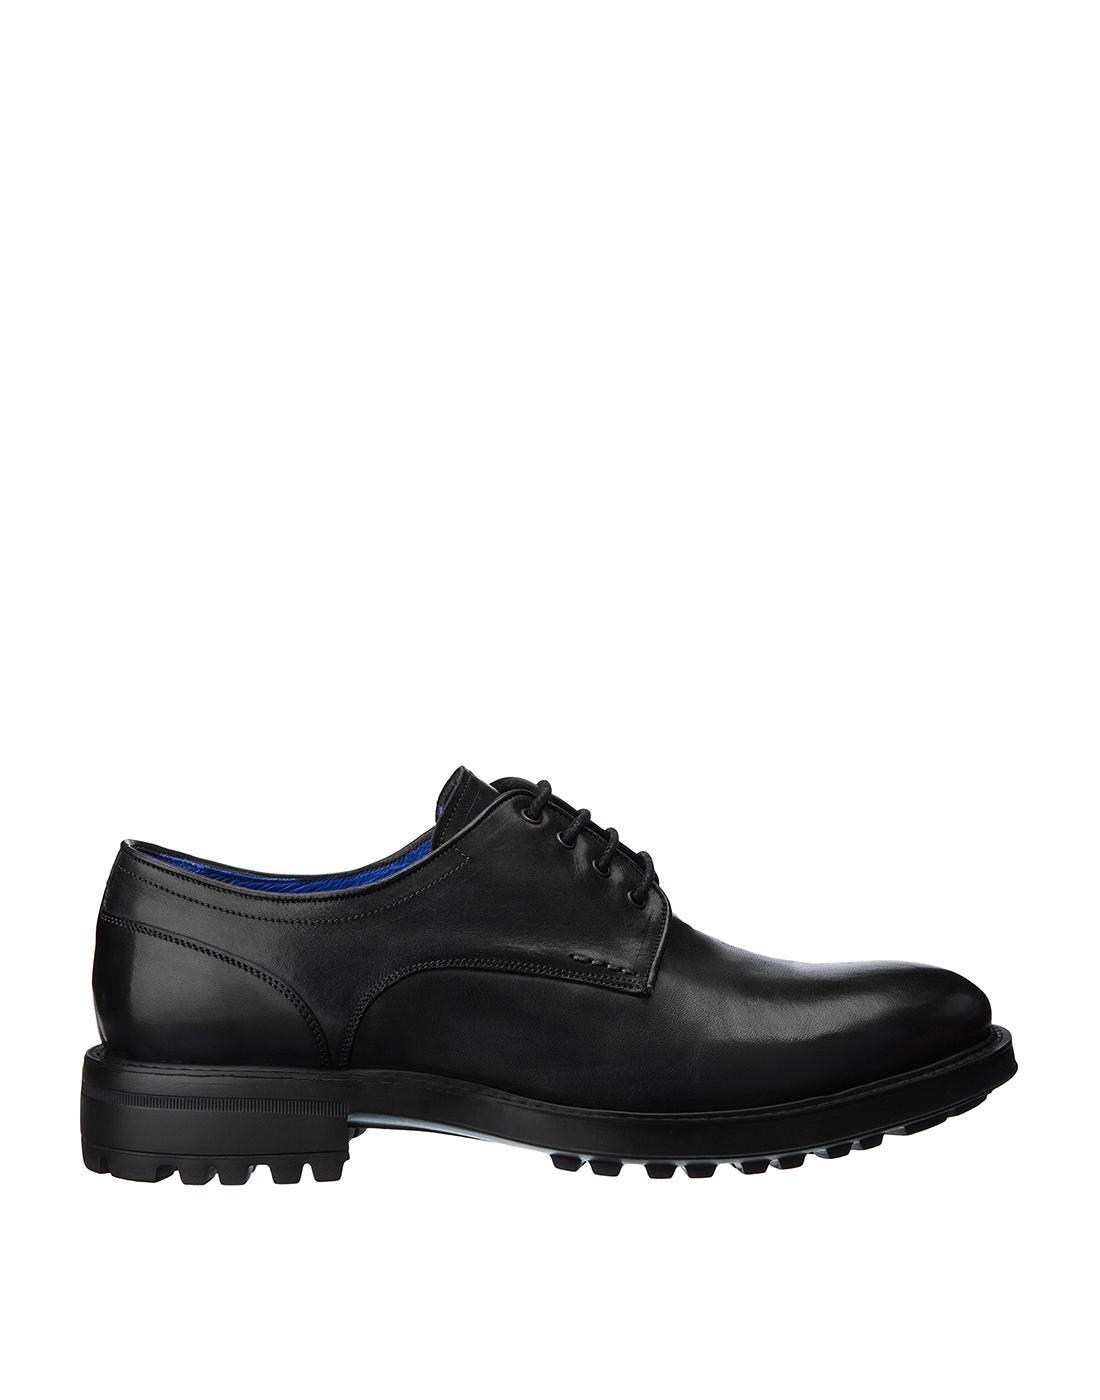 Туфли серые мужские Brecos S8133-1